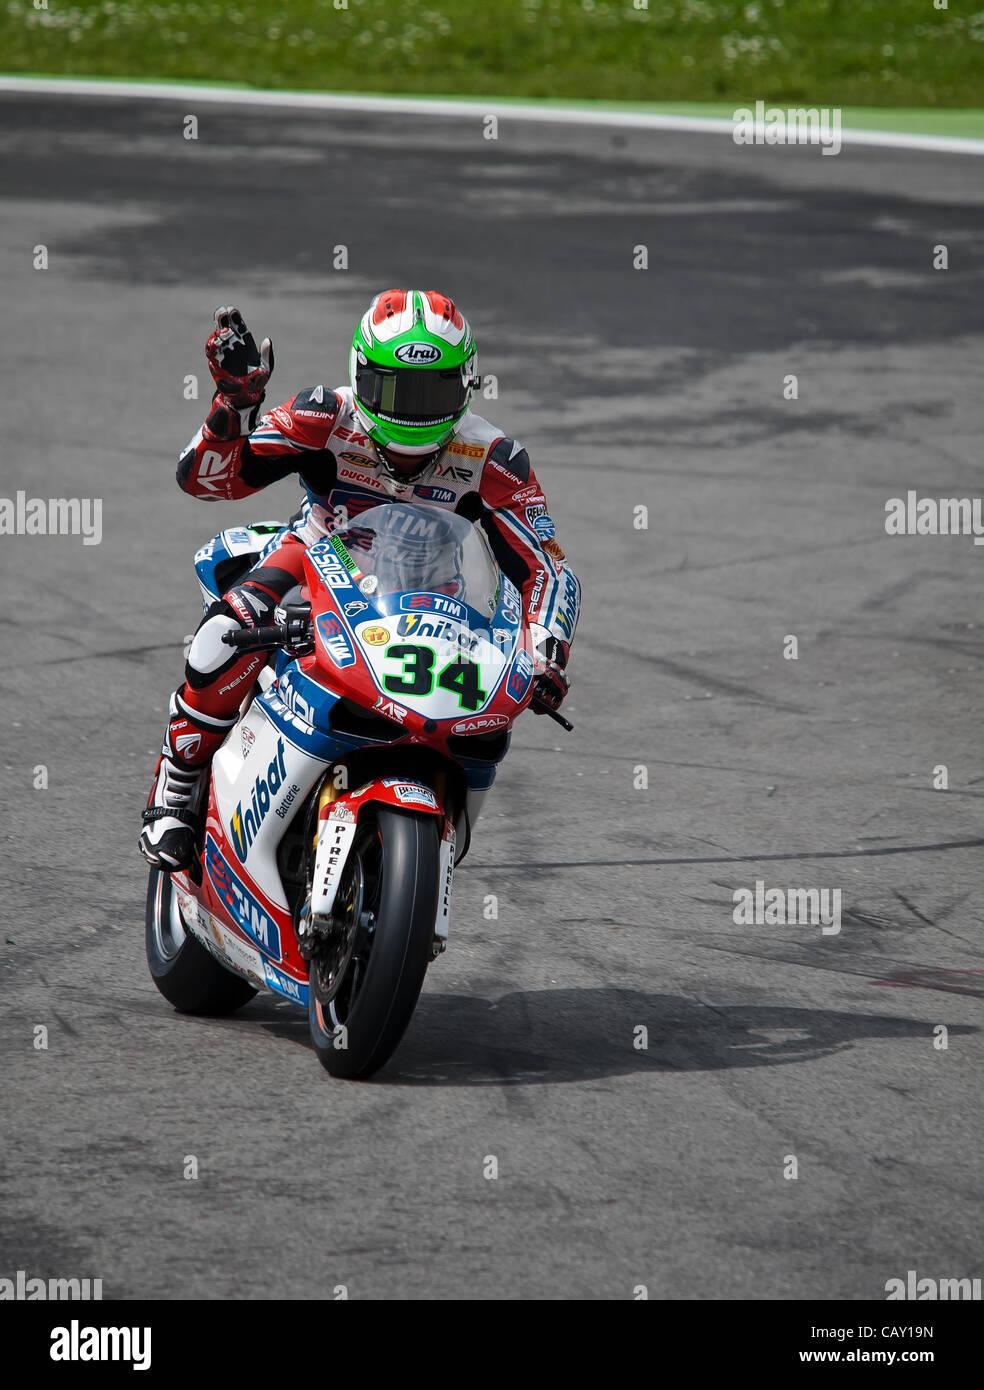 Sbk Series Monza  34 Davide Giugliano ITA Ducati 1098R Althea Racing Stock Photo